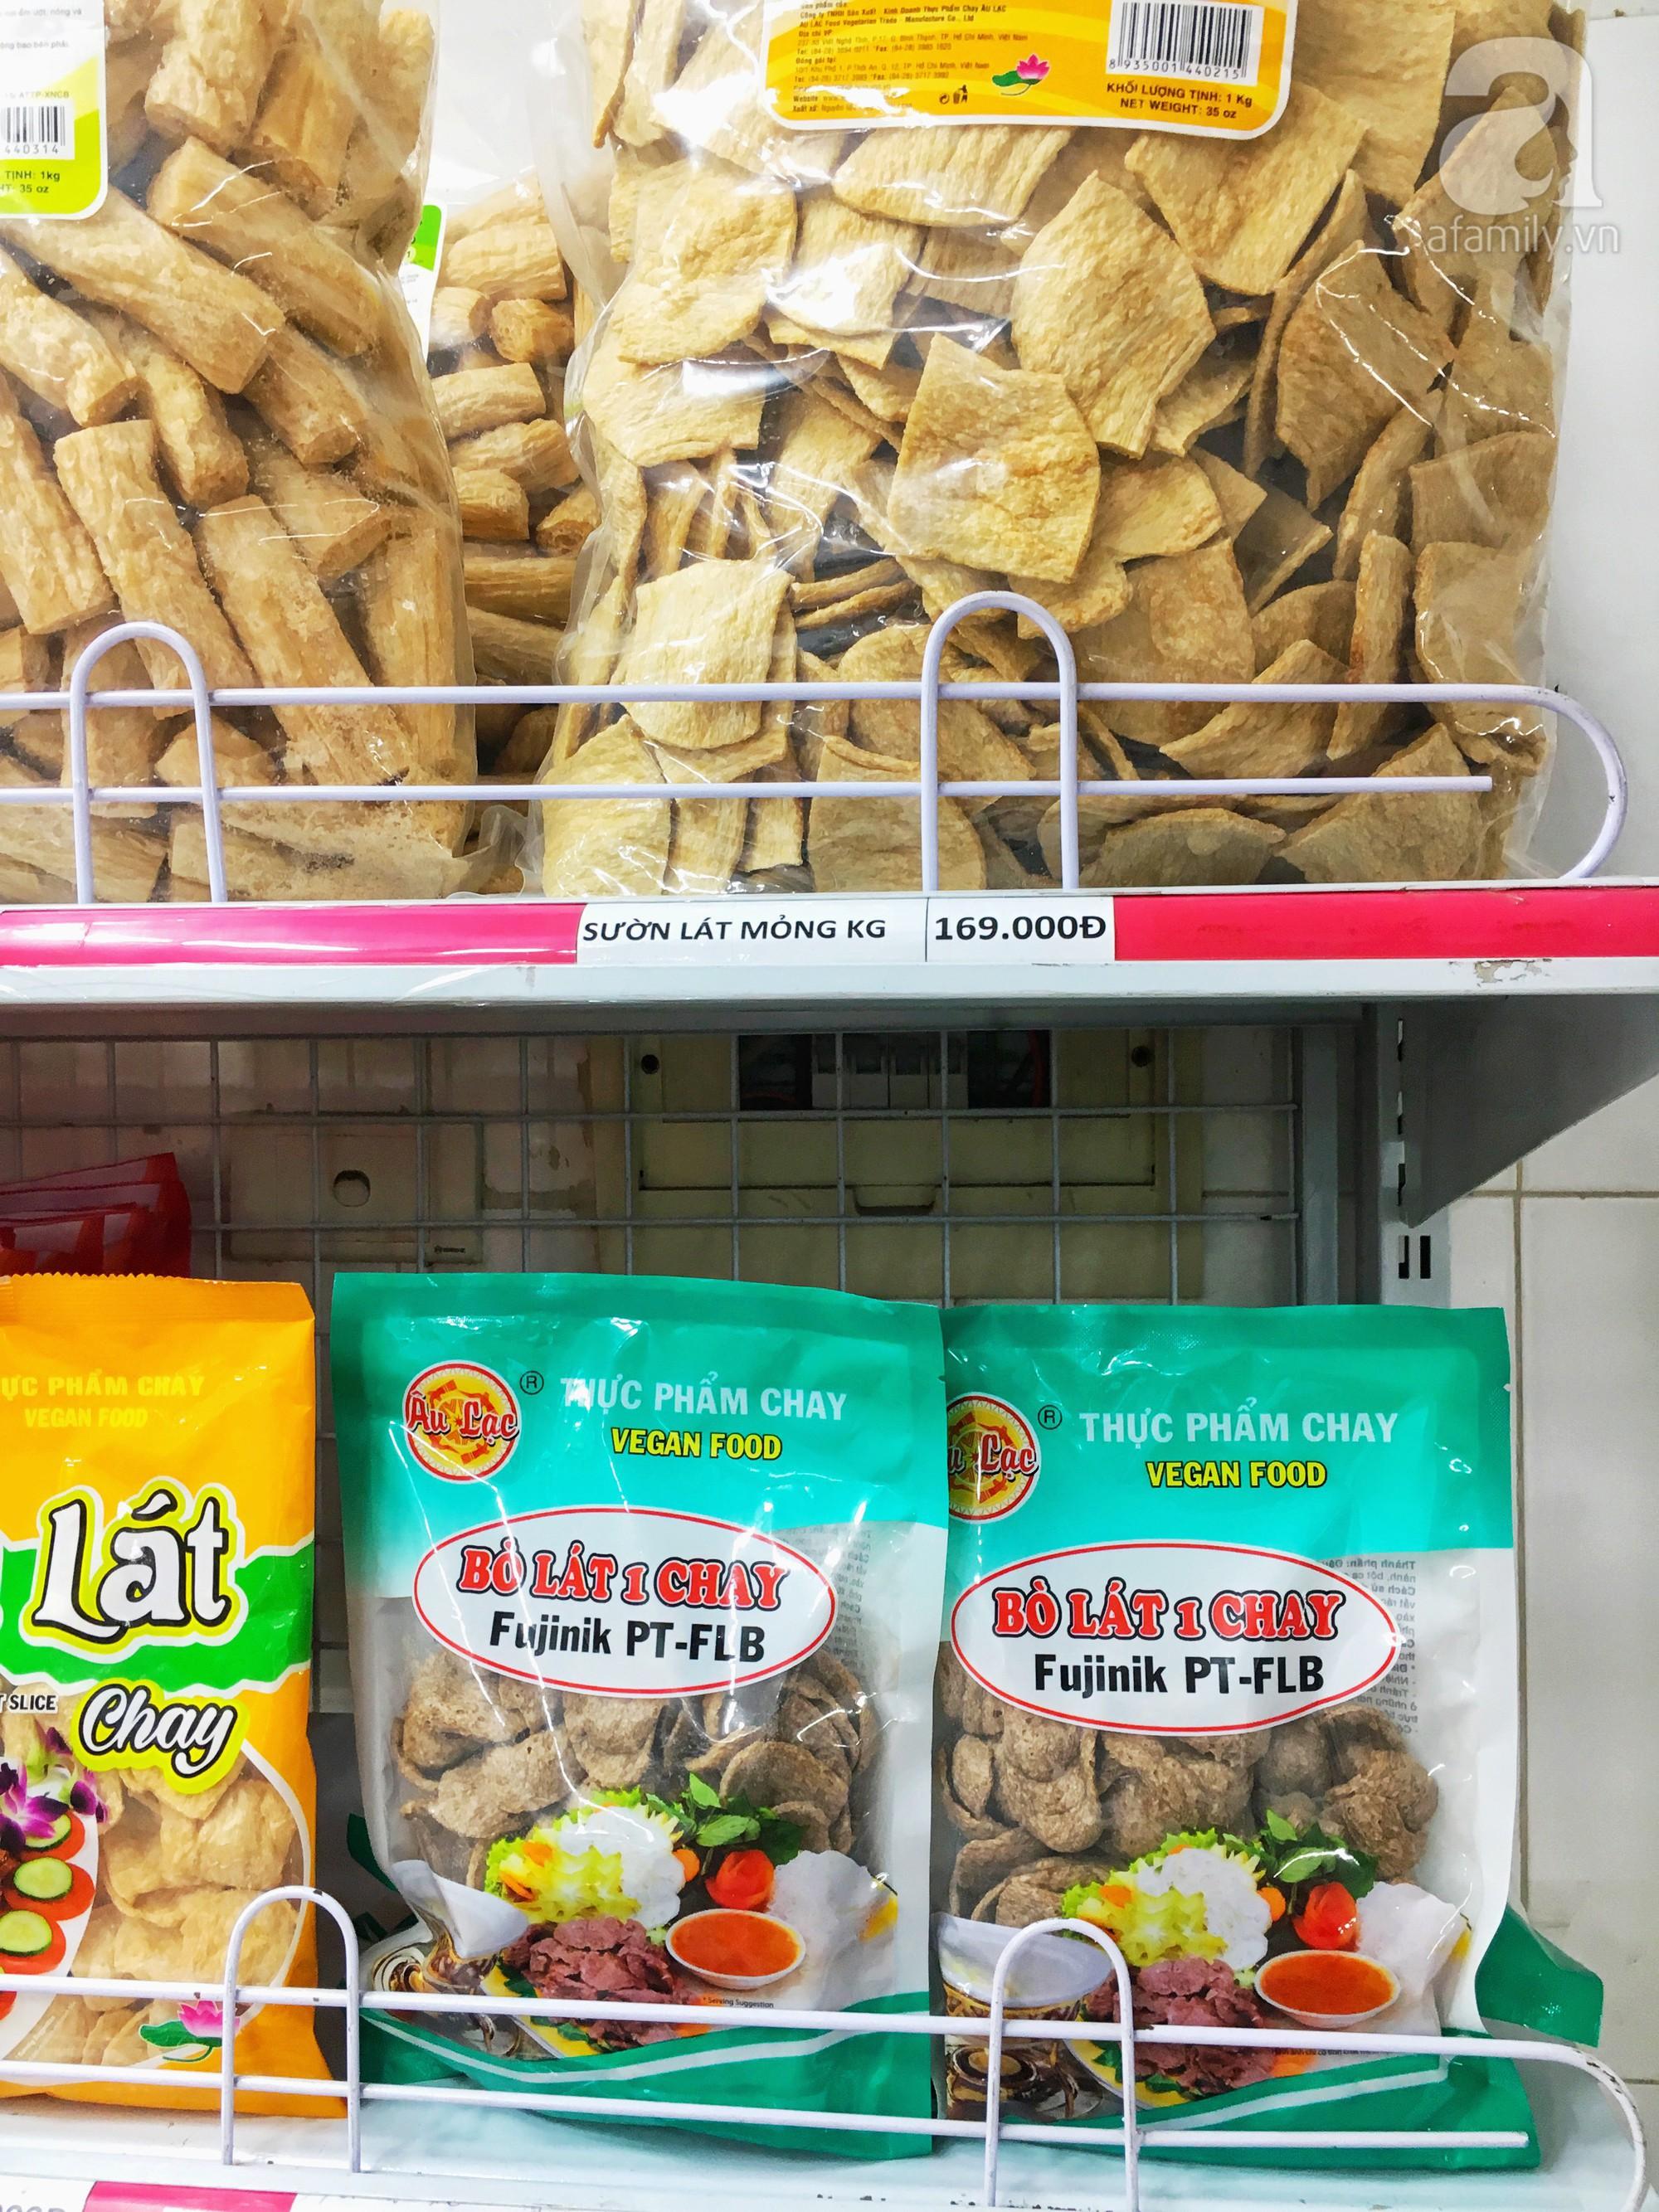 3 địa chỉ mua thực phẩm chay ngon - bổ - rẻ cần bỏ túi ở Hà Nội - Hình 9